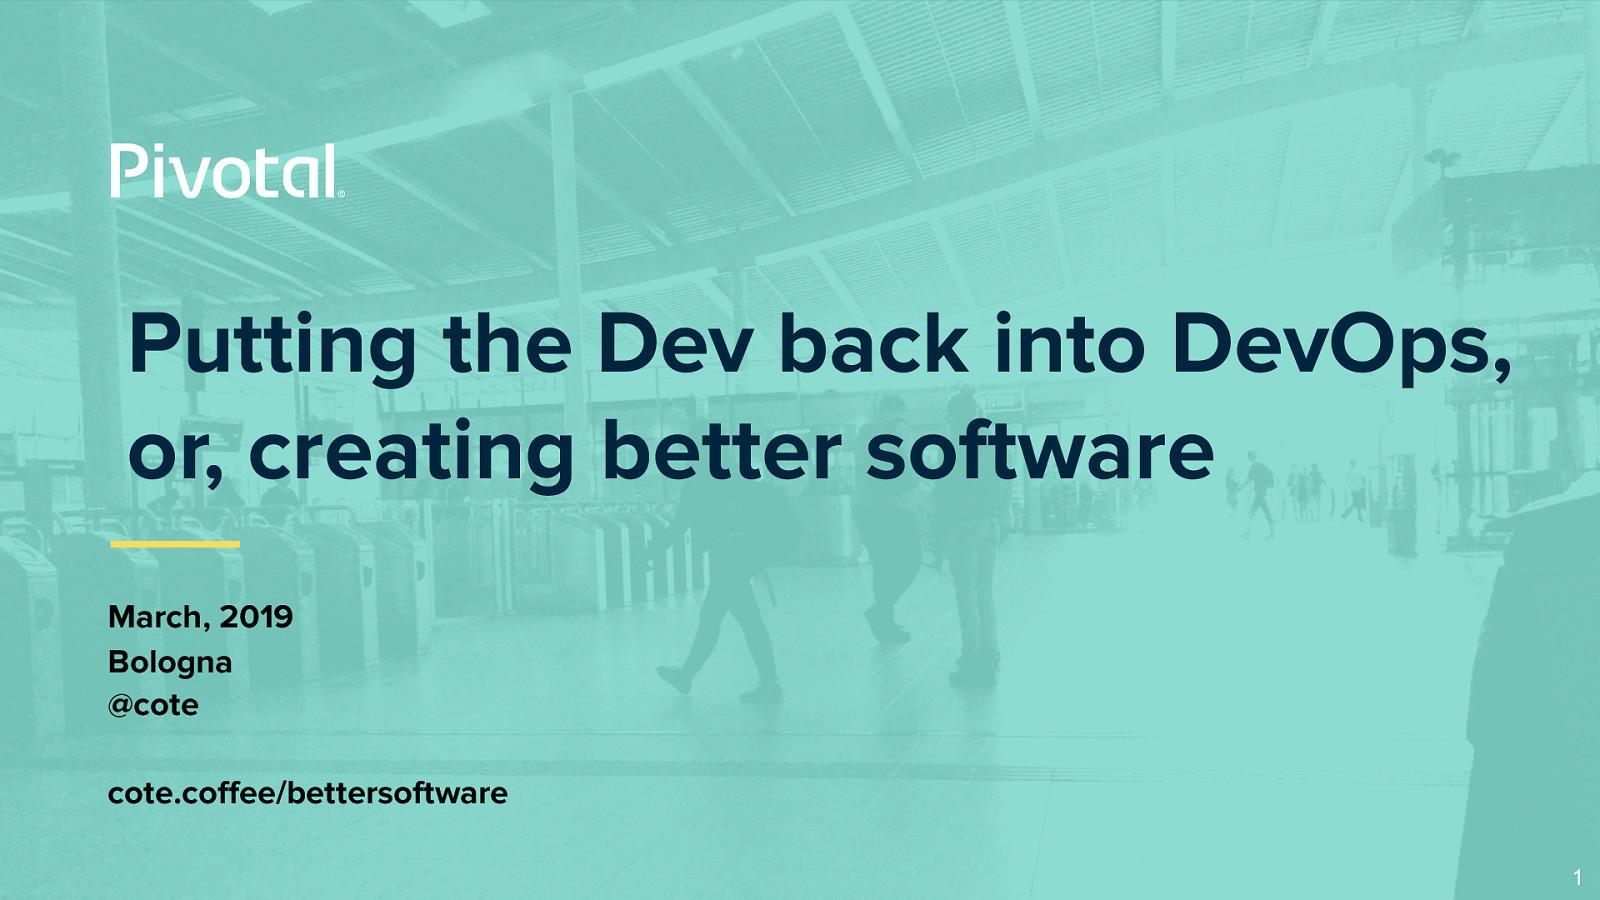 Better software is better than worse software